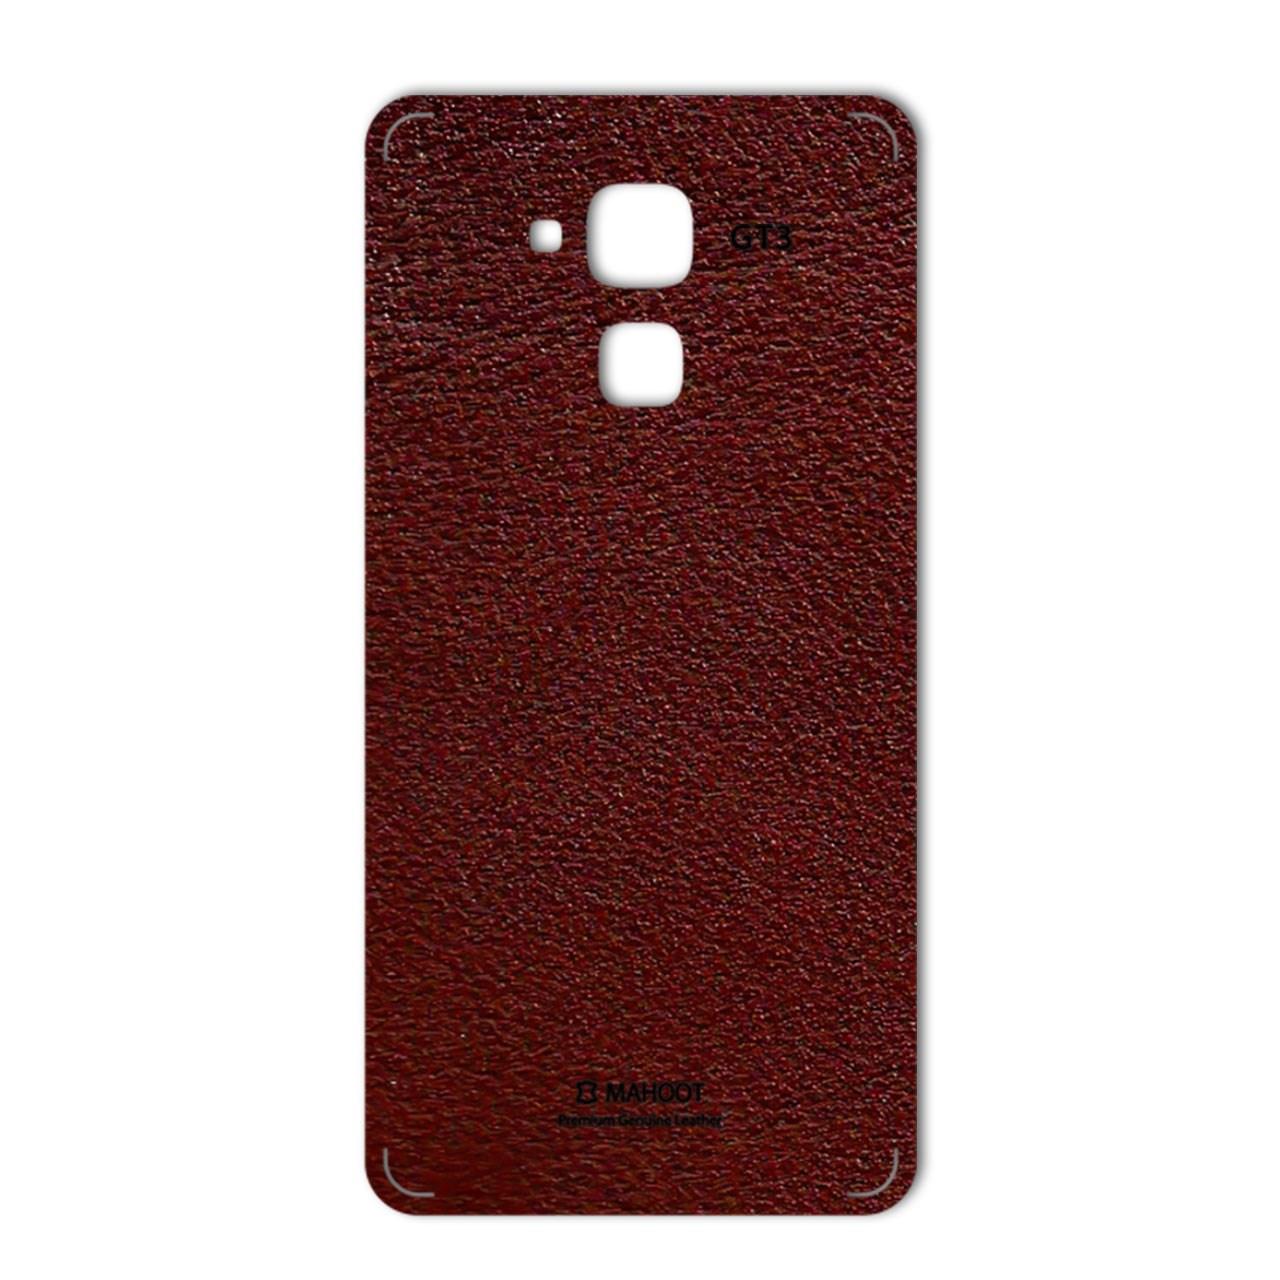 برچسب تزئینی ماهوت مدلNatural Leather مناسب برای گوشی  Huawei GT3